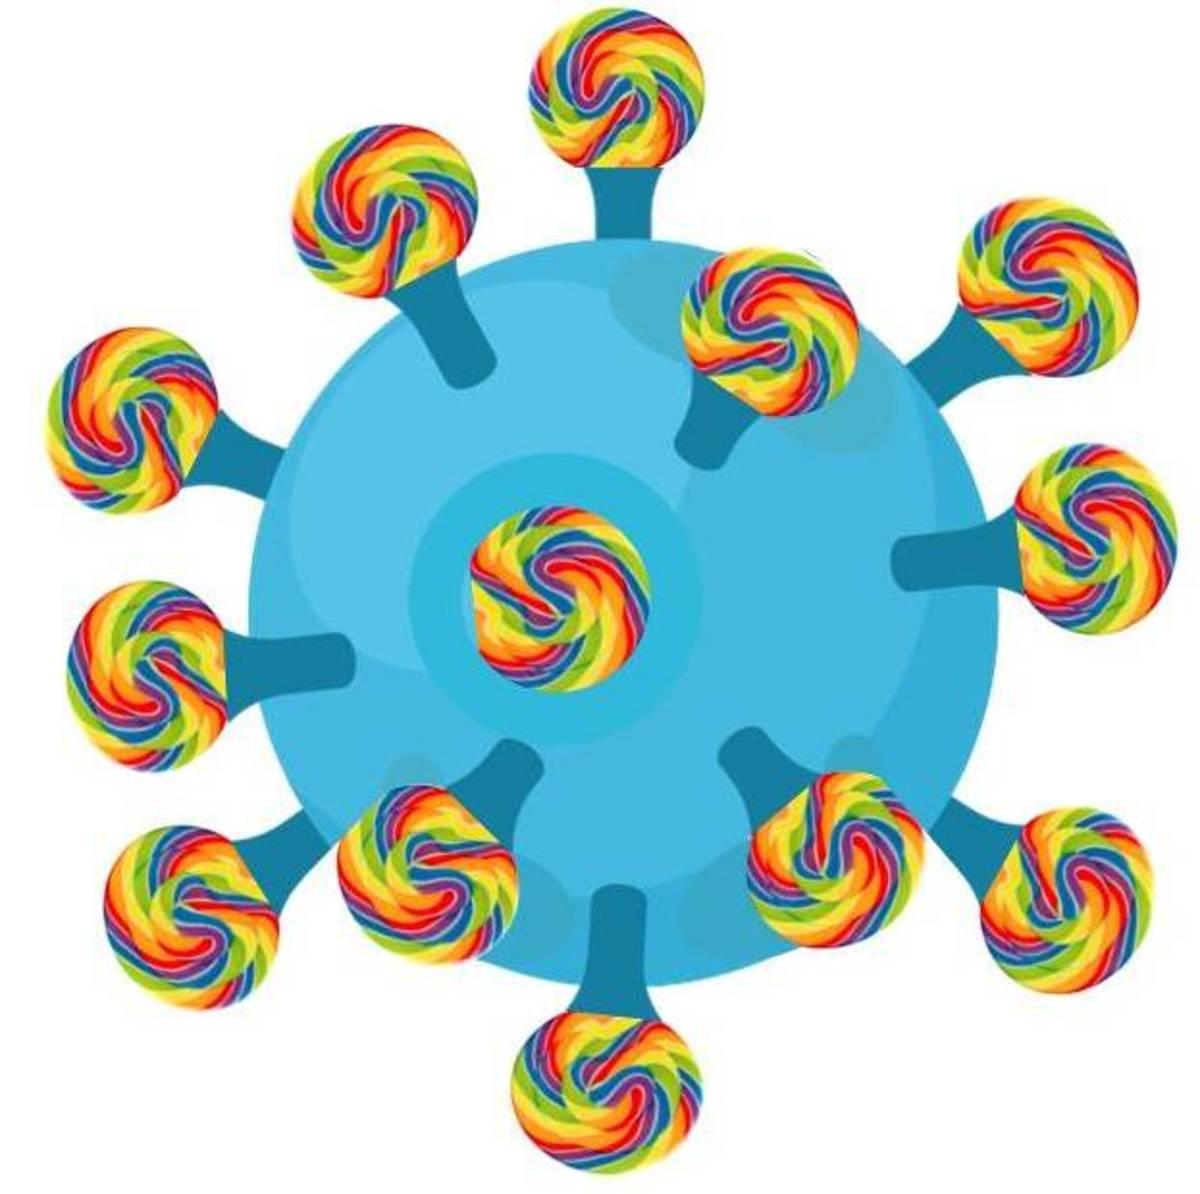 Viruses' Sugar Coating—Not So Sweet